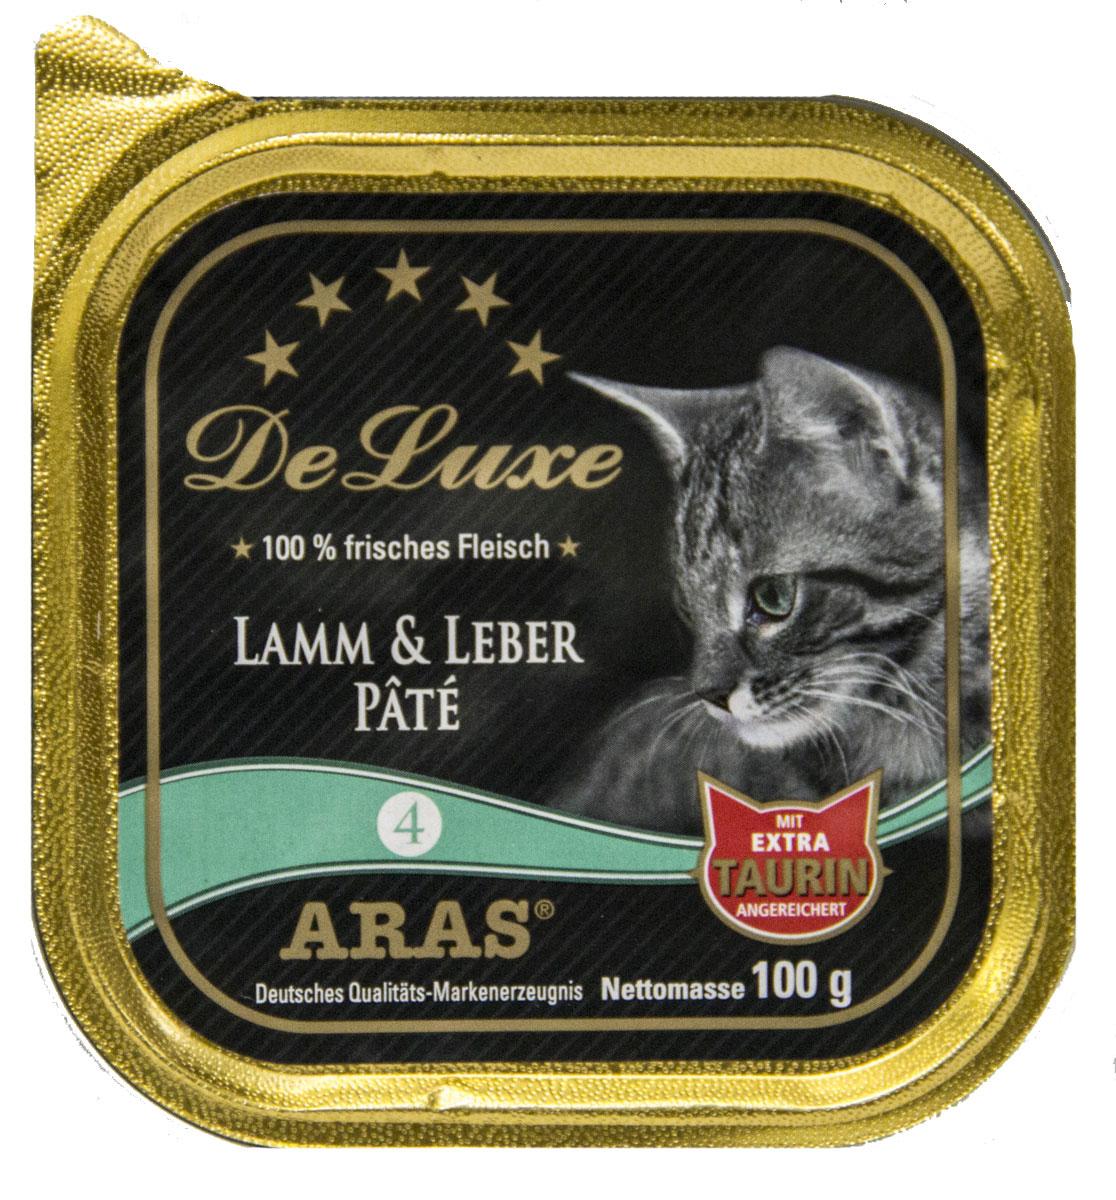 Консервы Aras Premium Delux, для кошек, паштет с бараниной и печенью, 100 г503104Изысканные, натуральные, беззерновые, мясные паштеты для кошек. Корм произведен в Германии из продуктов, пригодных в пищу человека по специальной технологии схожей с технологией Sous Vide. Благодаря уникальной технологии, схожей с технологий Souse Vide, при изготовлении сохраняются все натуральные витамины и минералы. Это достигается благодаря бережной обработке всех ингредиентов при температуре менее 80 градусов. Такая бережная обработка продуктов не стерилизует продуктовые компоненты. Благодаря этому корма не нуждаются ни в каких дополнительных вкусовых добавках и сохраняют все необходимые полезные вещества. При производстве кормов используются исключительно свежие натуральные продукты: мясо, овощи и зерновые; Приготовлено из 100% свежего мяса, пригодного в пищу человеку; Содержит натуральные витамины, аминокислоты, минеральные вещества и микроэлементы; С экстрактом масла зародышей зерна пшеницы холодного отжима (Bio-Dura); Без химических красителей,...